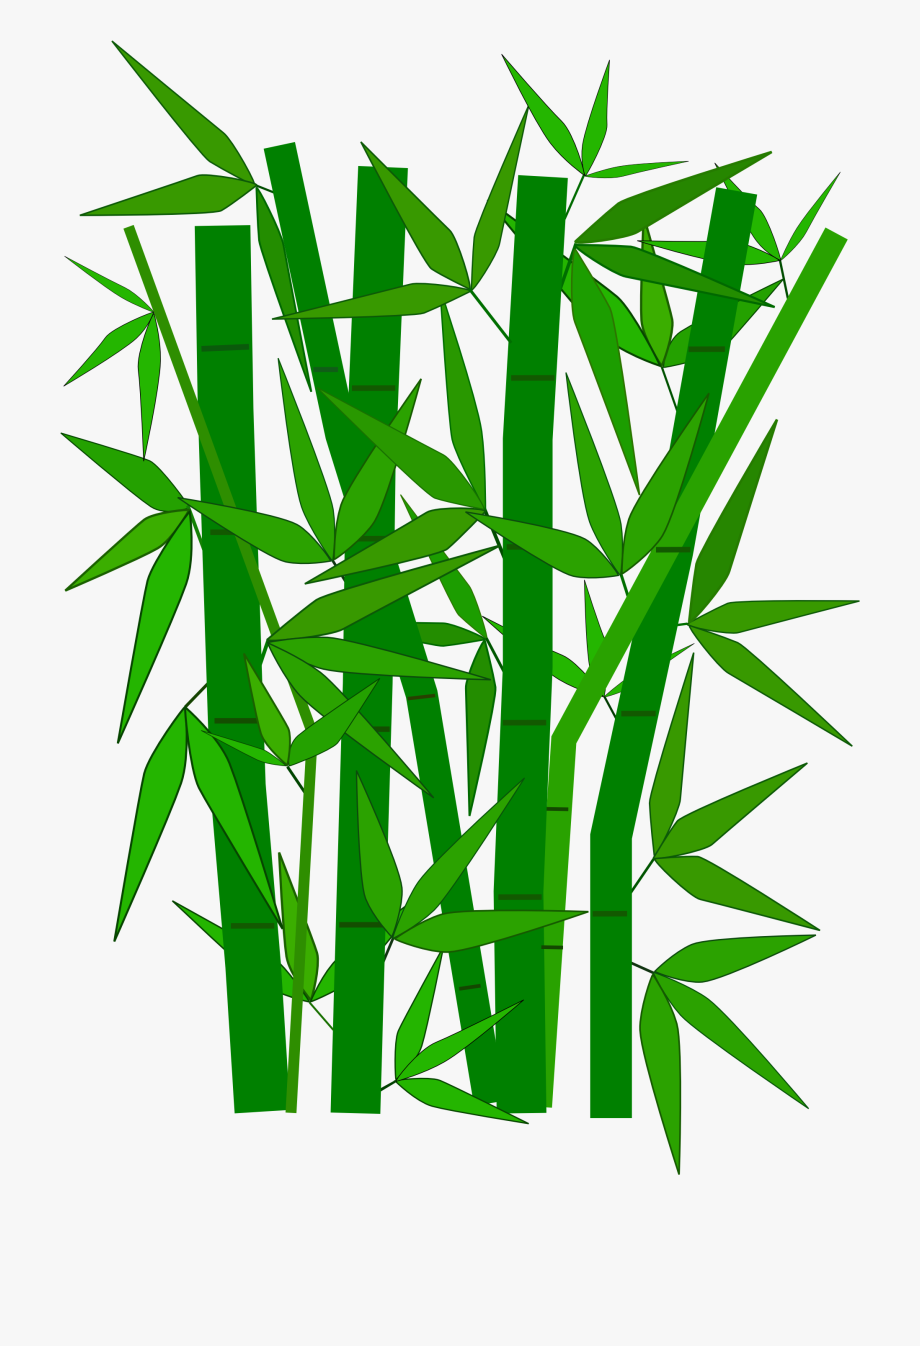 Bamboo Graphic.